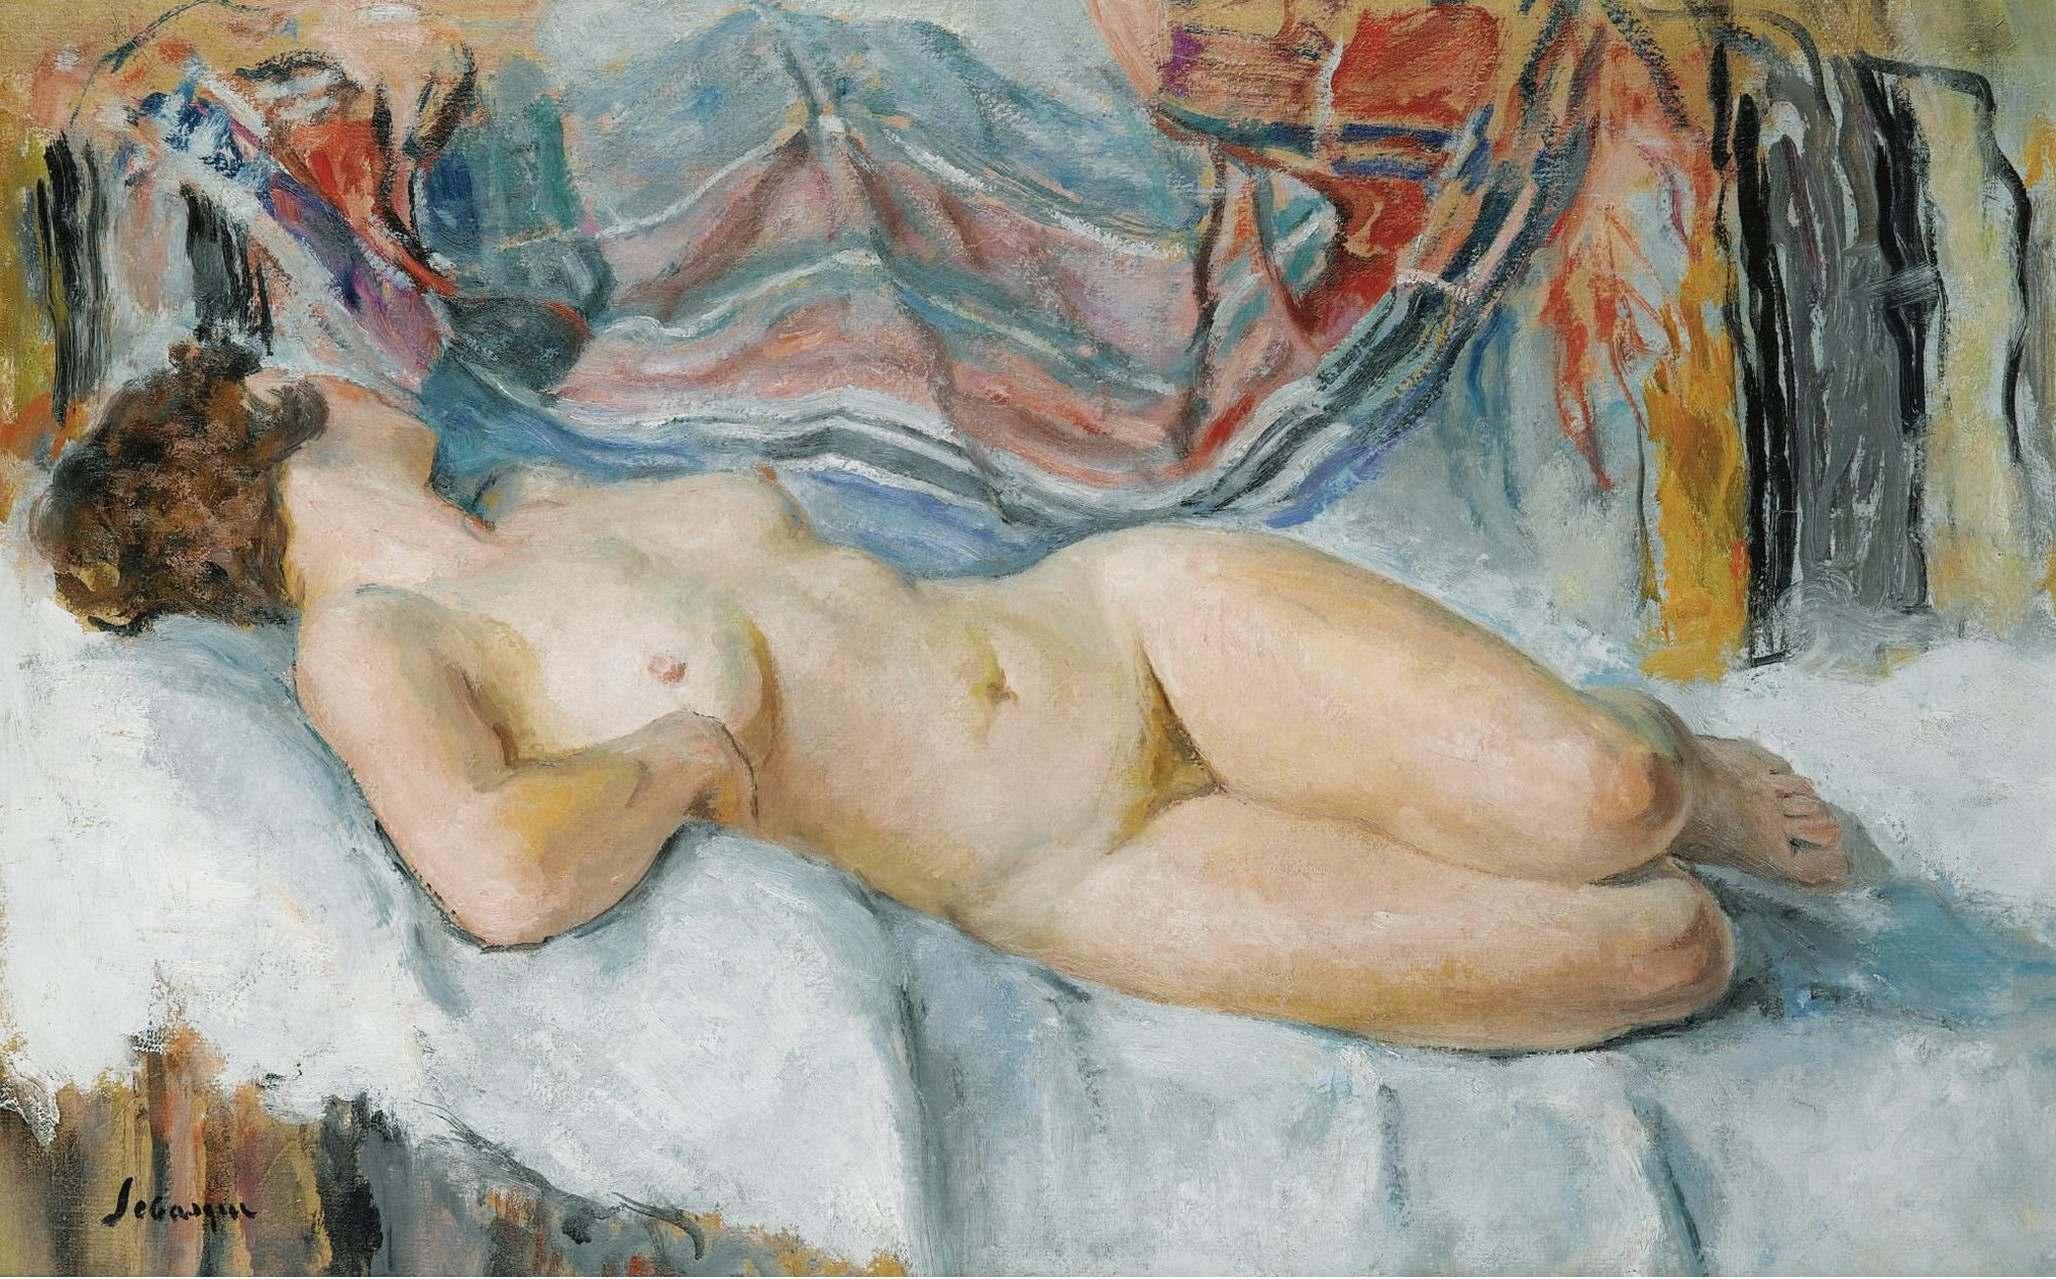 Henri Lebasque, 1865-1937. Обнаженная на постели. 1905. Частная коллекция